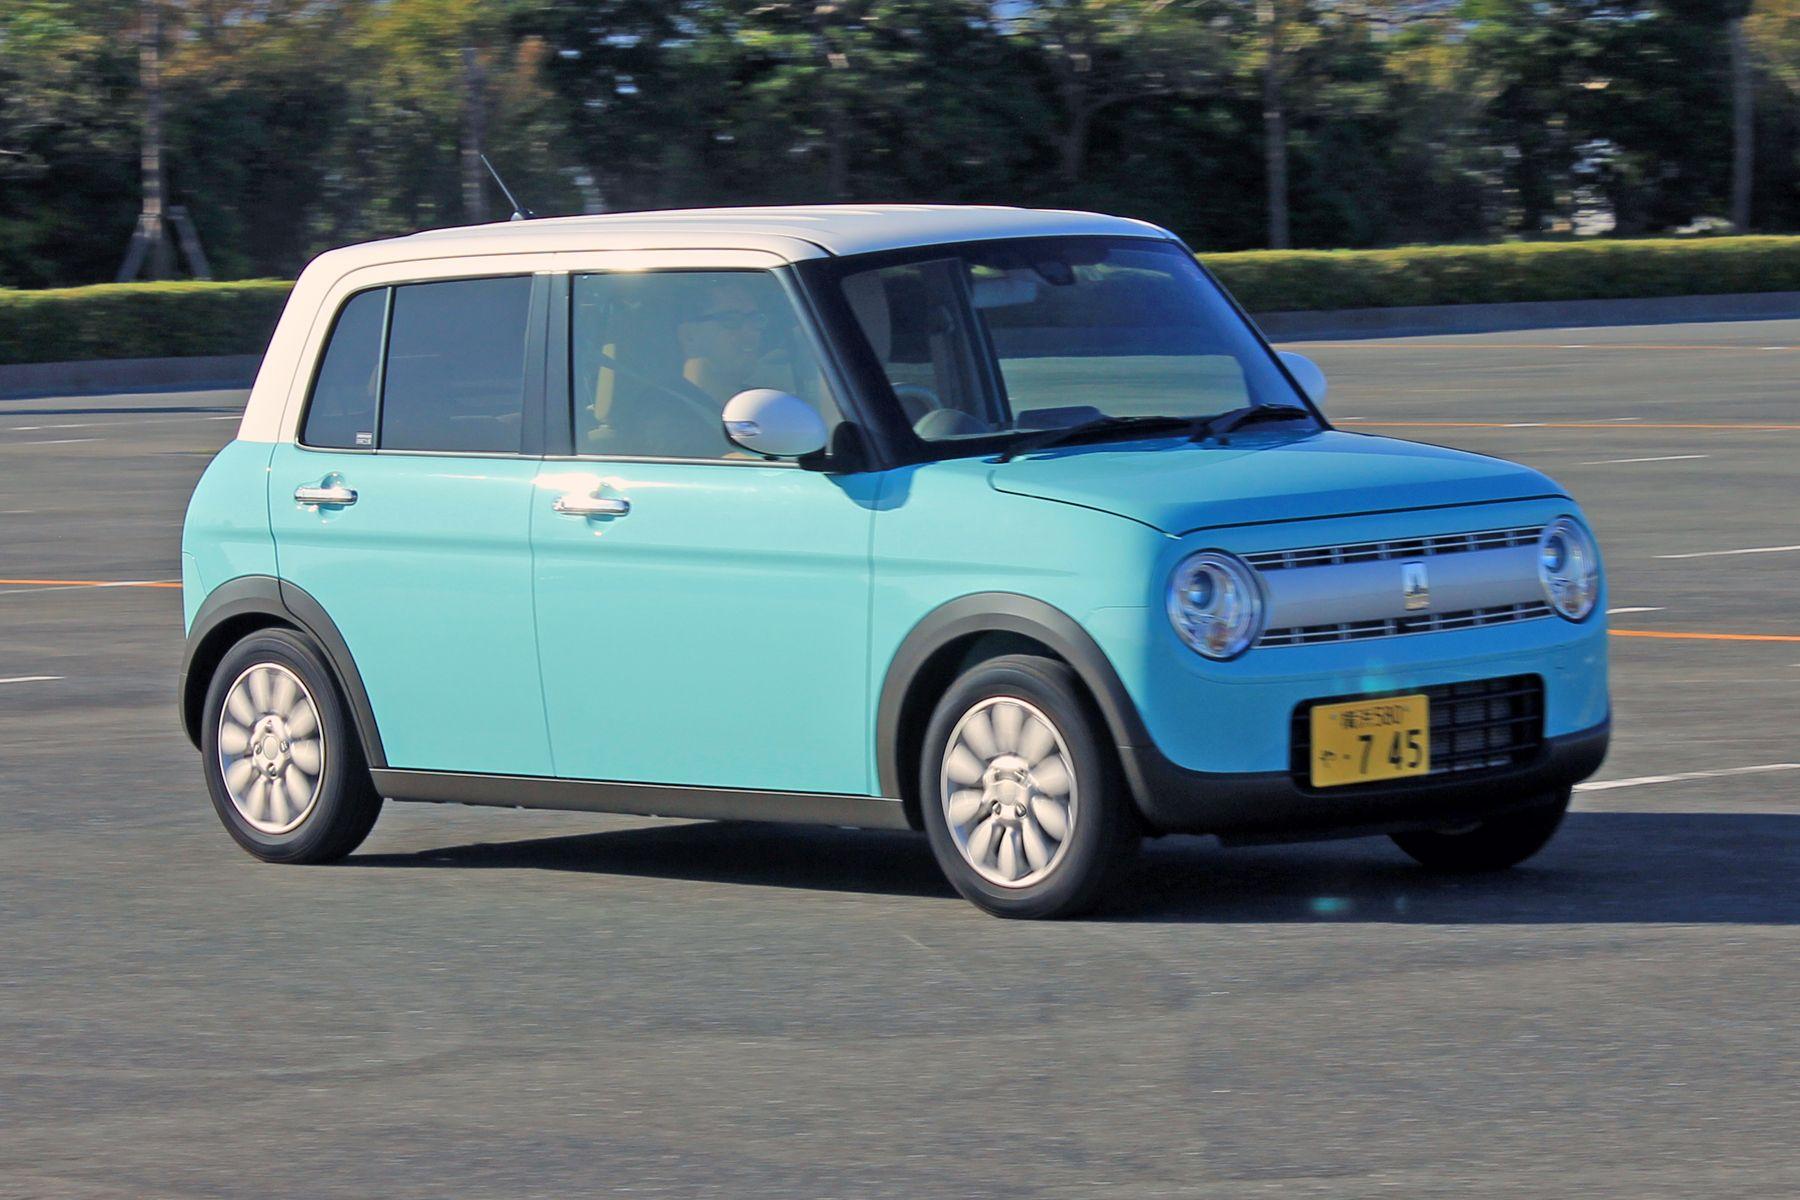 Kei-Cars: Klein, praktisch, typisch japanisch